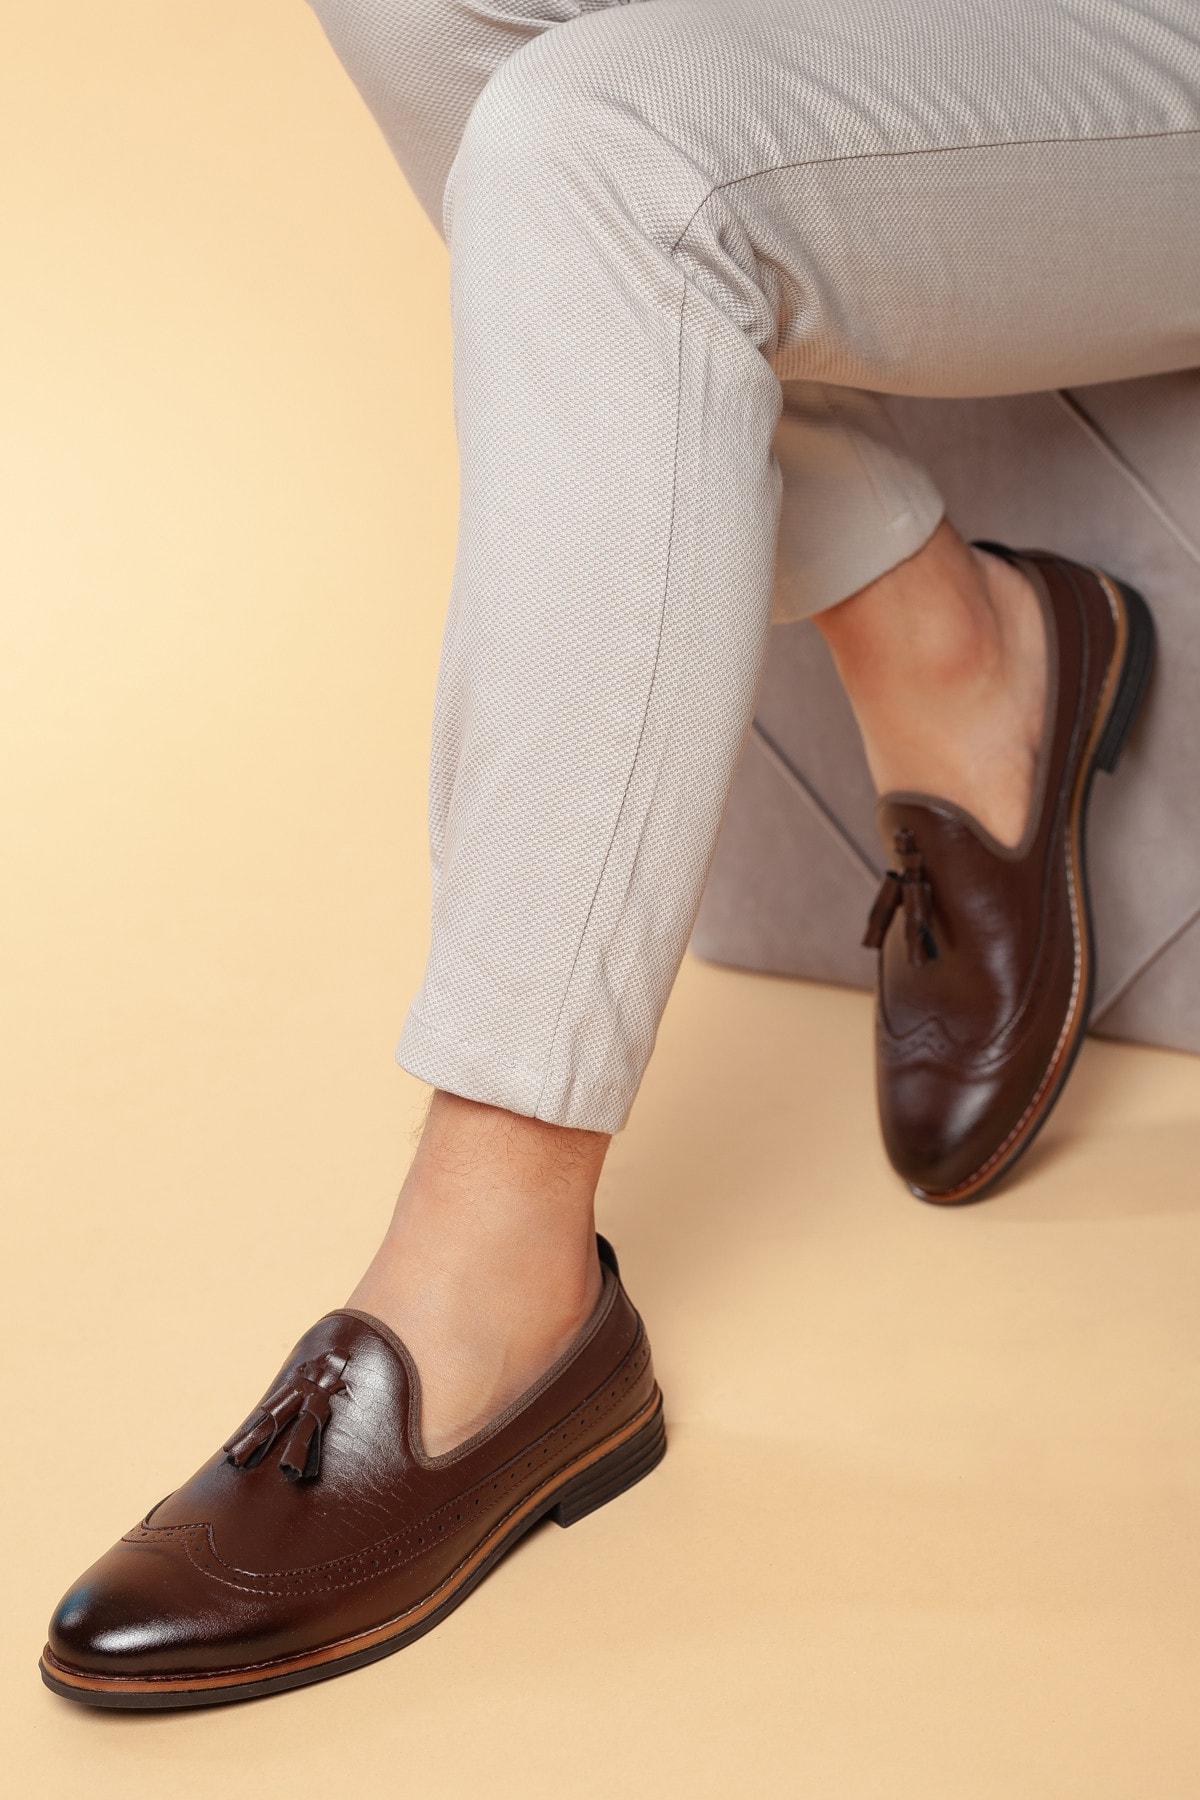 Daxtors D020 Günlük Ortopedik Erkek Ayakkabı